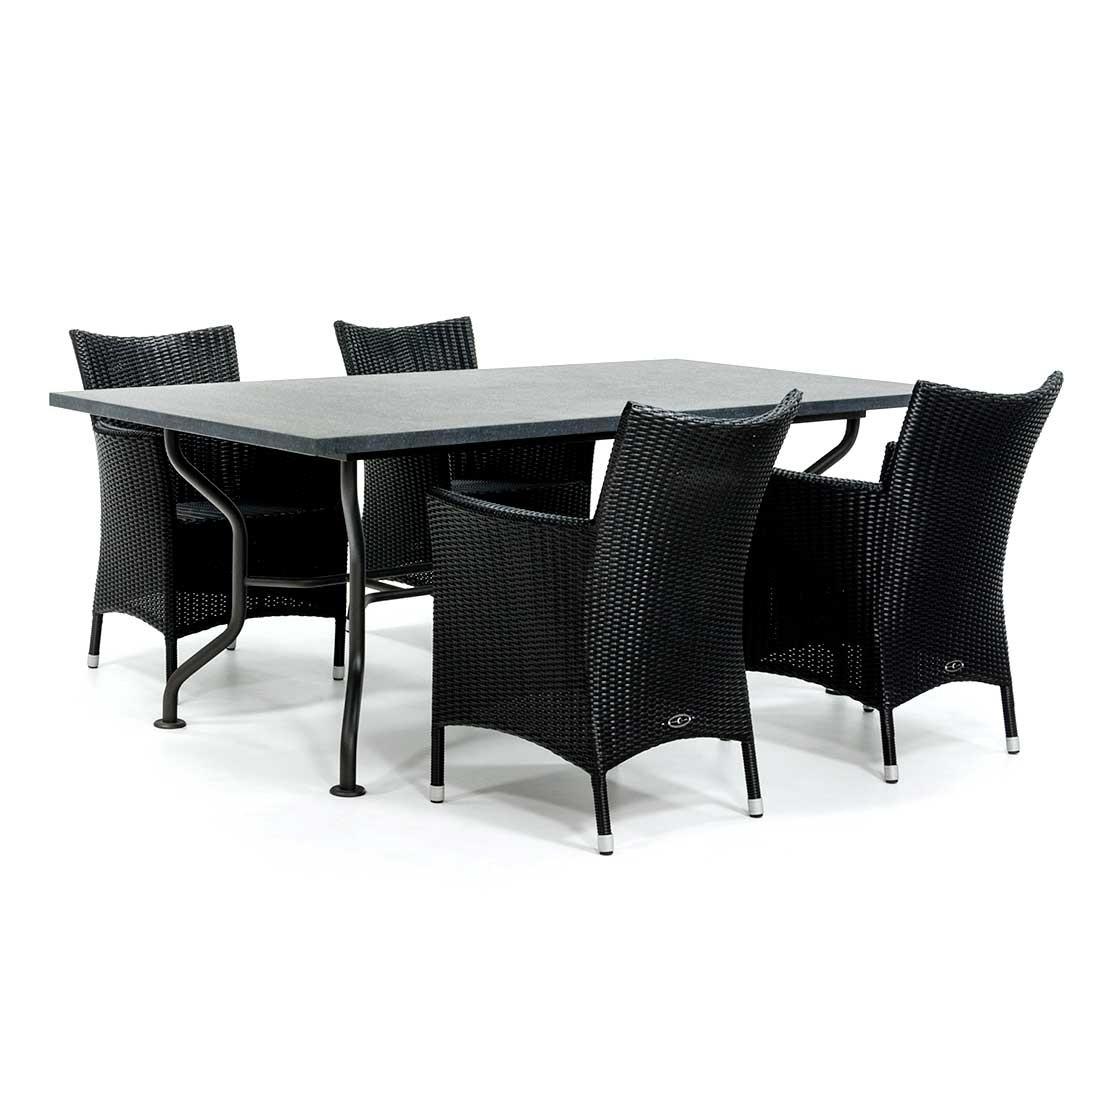 Basalt Tischplatte mit Stahlgestell